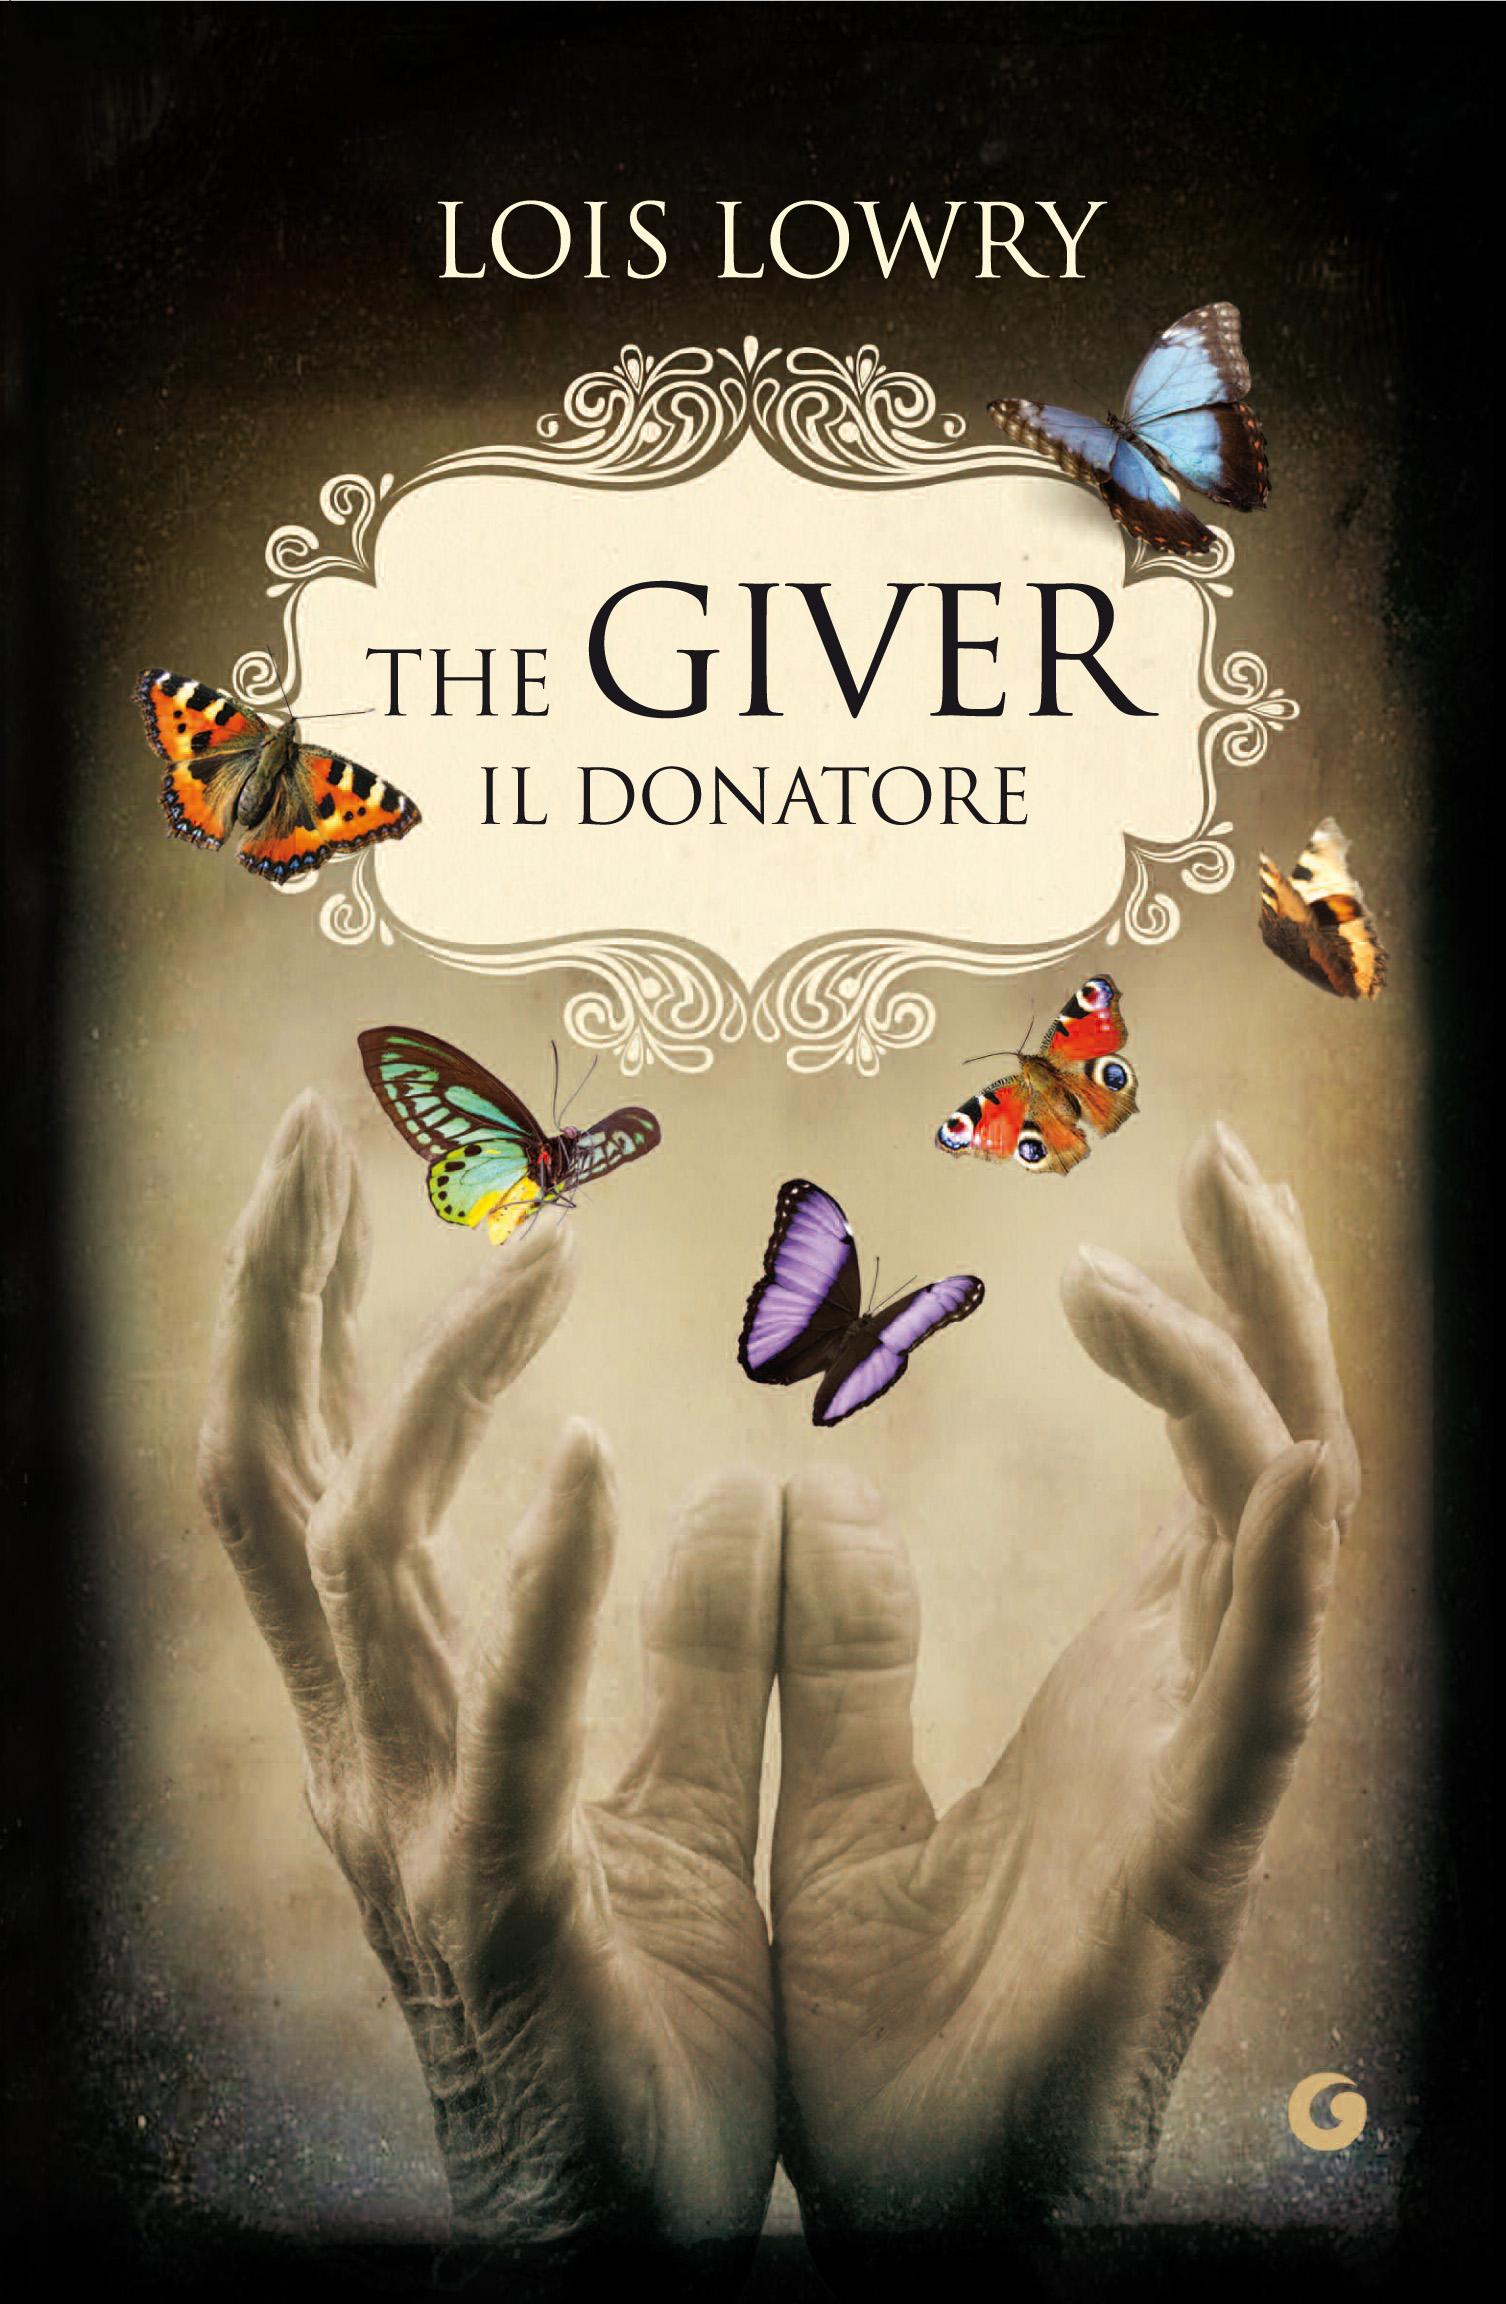 The giver – Il donatore